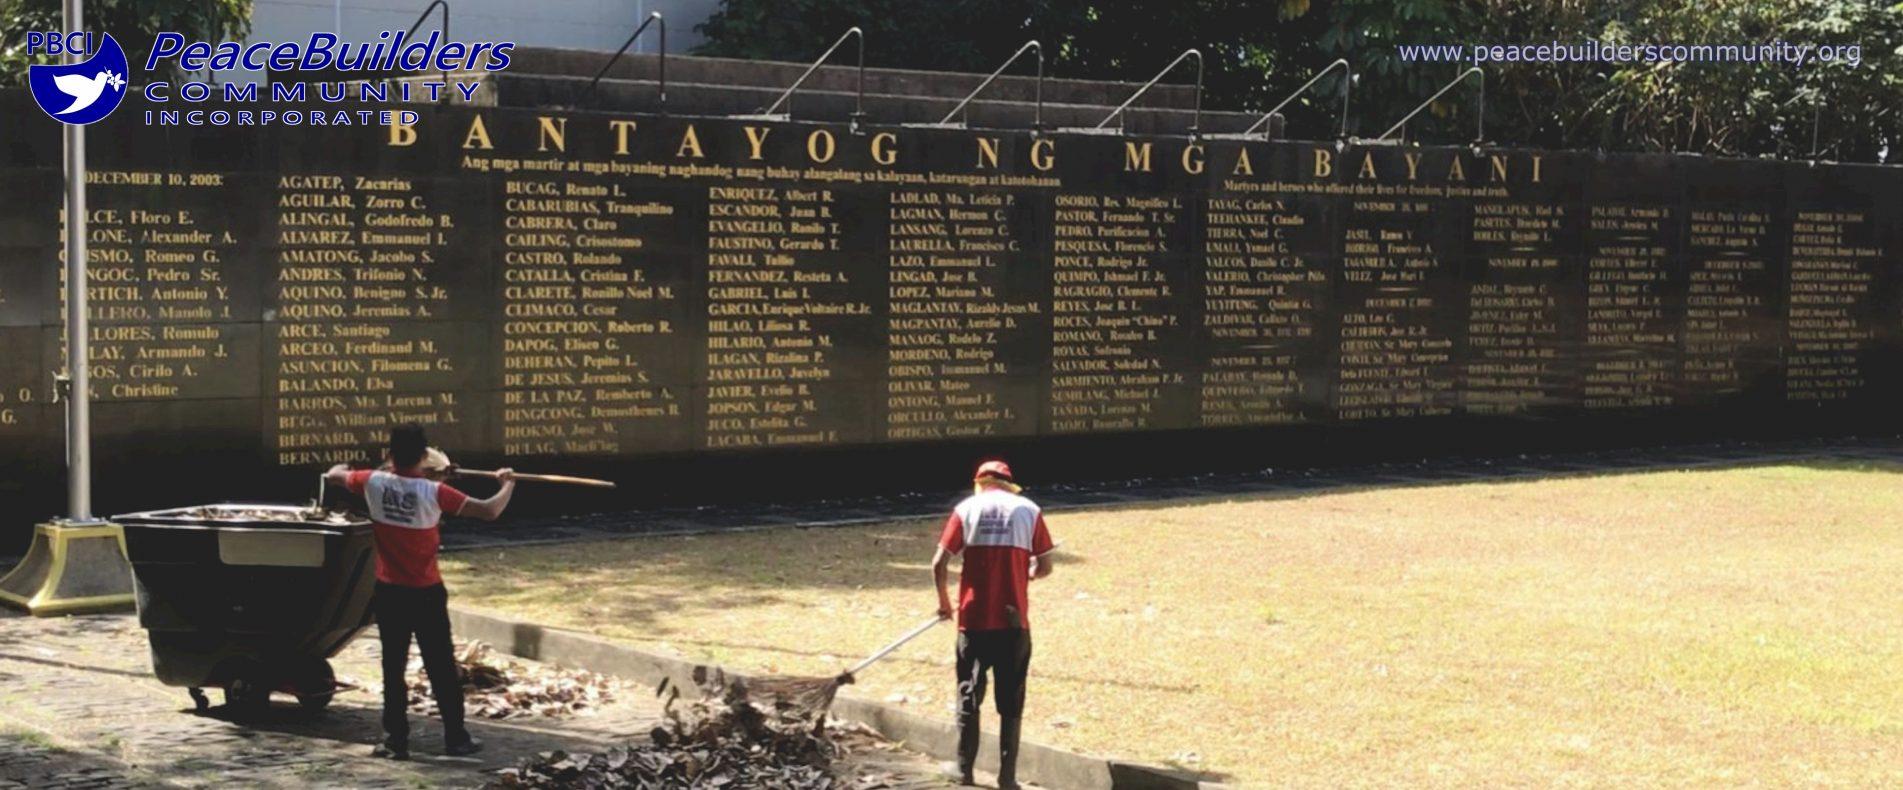 bantayog-ng-mga-bayani-2019